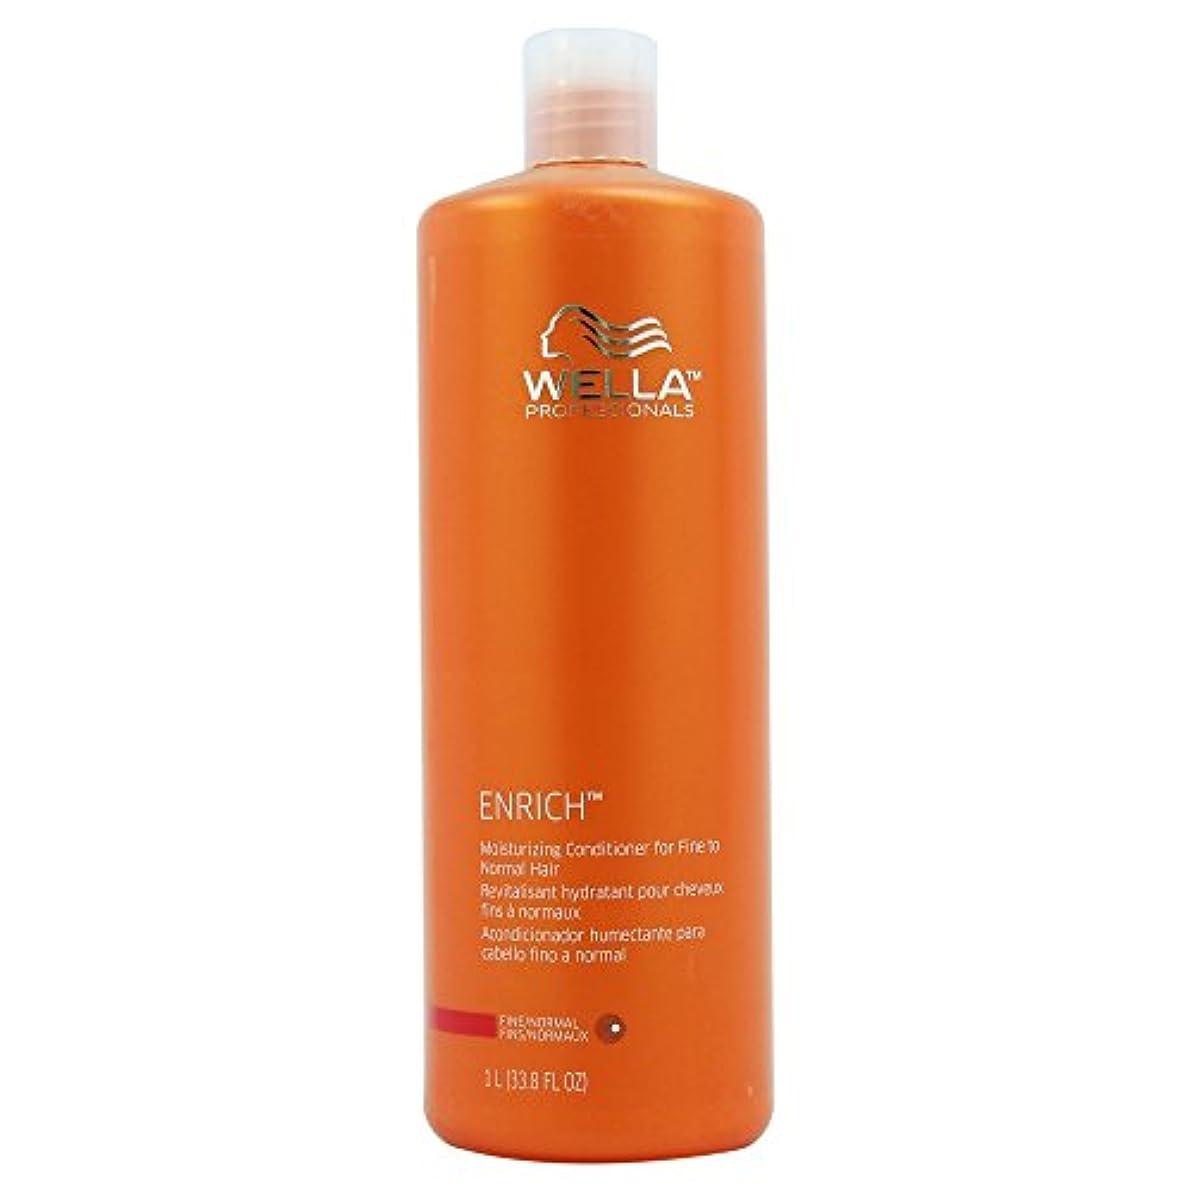 モードリン幸運なヒューマニスティックWella Enriched Moisturizing Conditioner for Fine To Normal Hair for Unisex, 33.8 Ounce by Wella